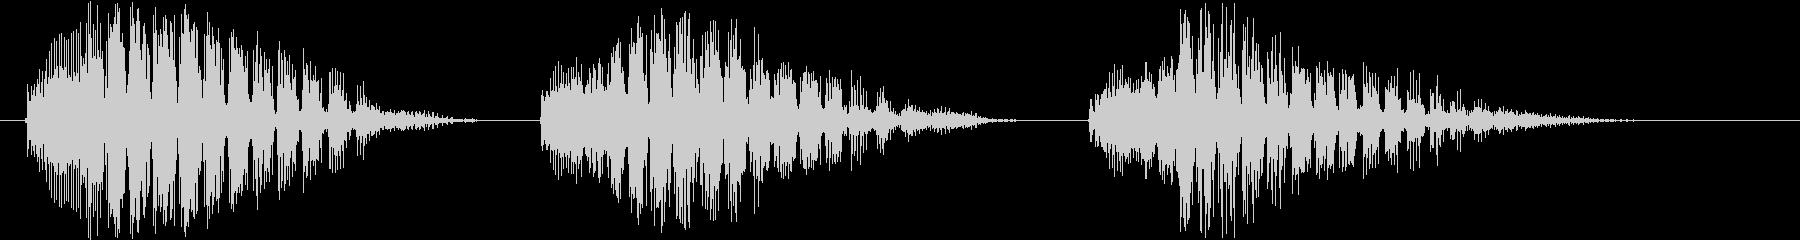 カララカララ(カラスの鳴き声)擬音唸り3の未再生の波形